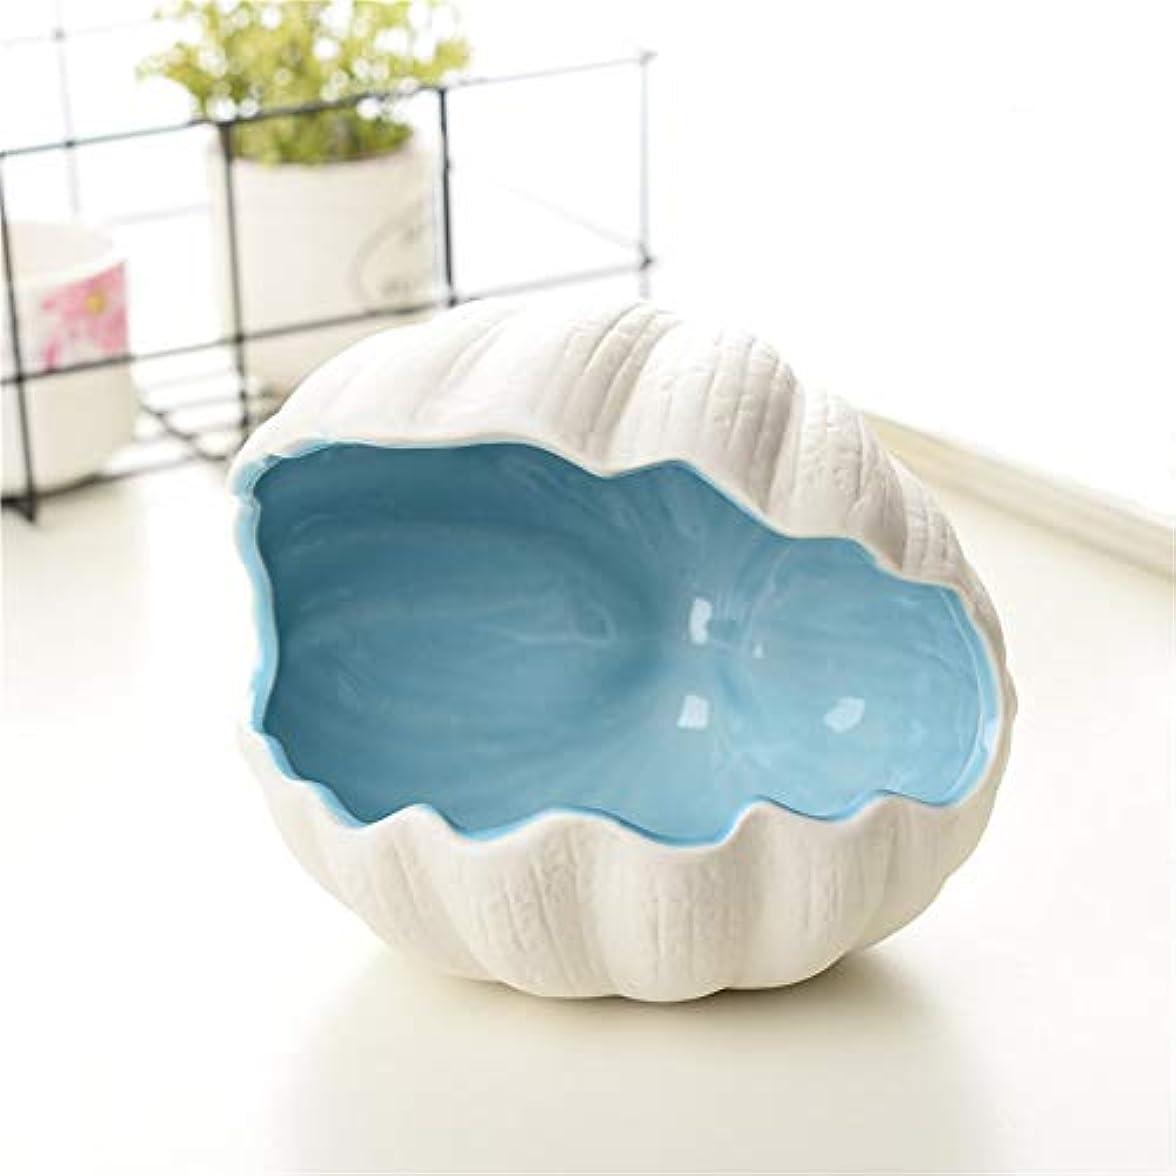 幼児ぎこちない無礼にタバコ、ギフトおよびホームオフィスの装飾のための灰皿セラミックシェル灰皿 (色 : 青)